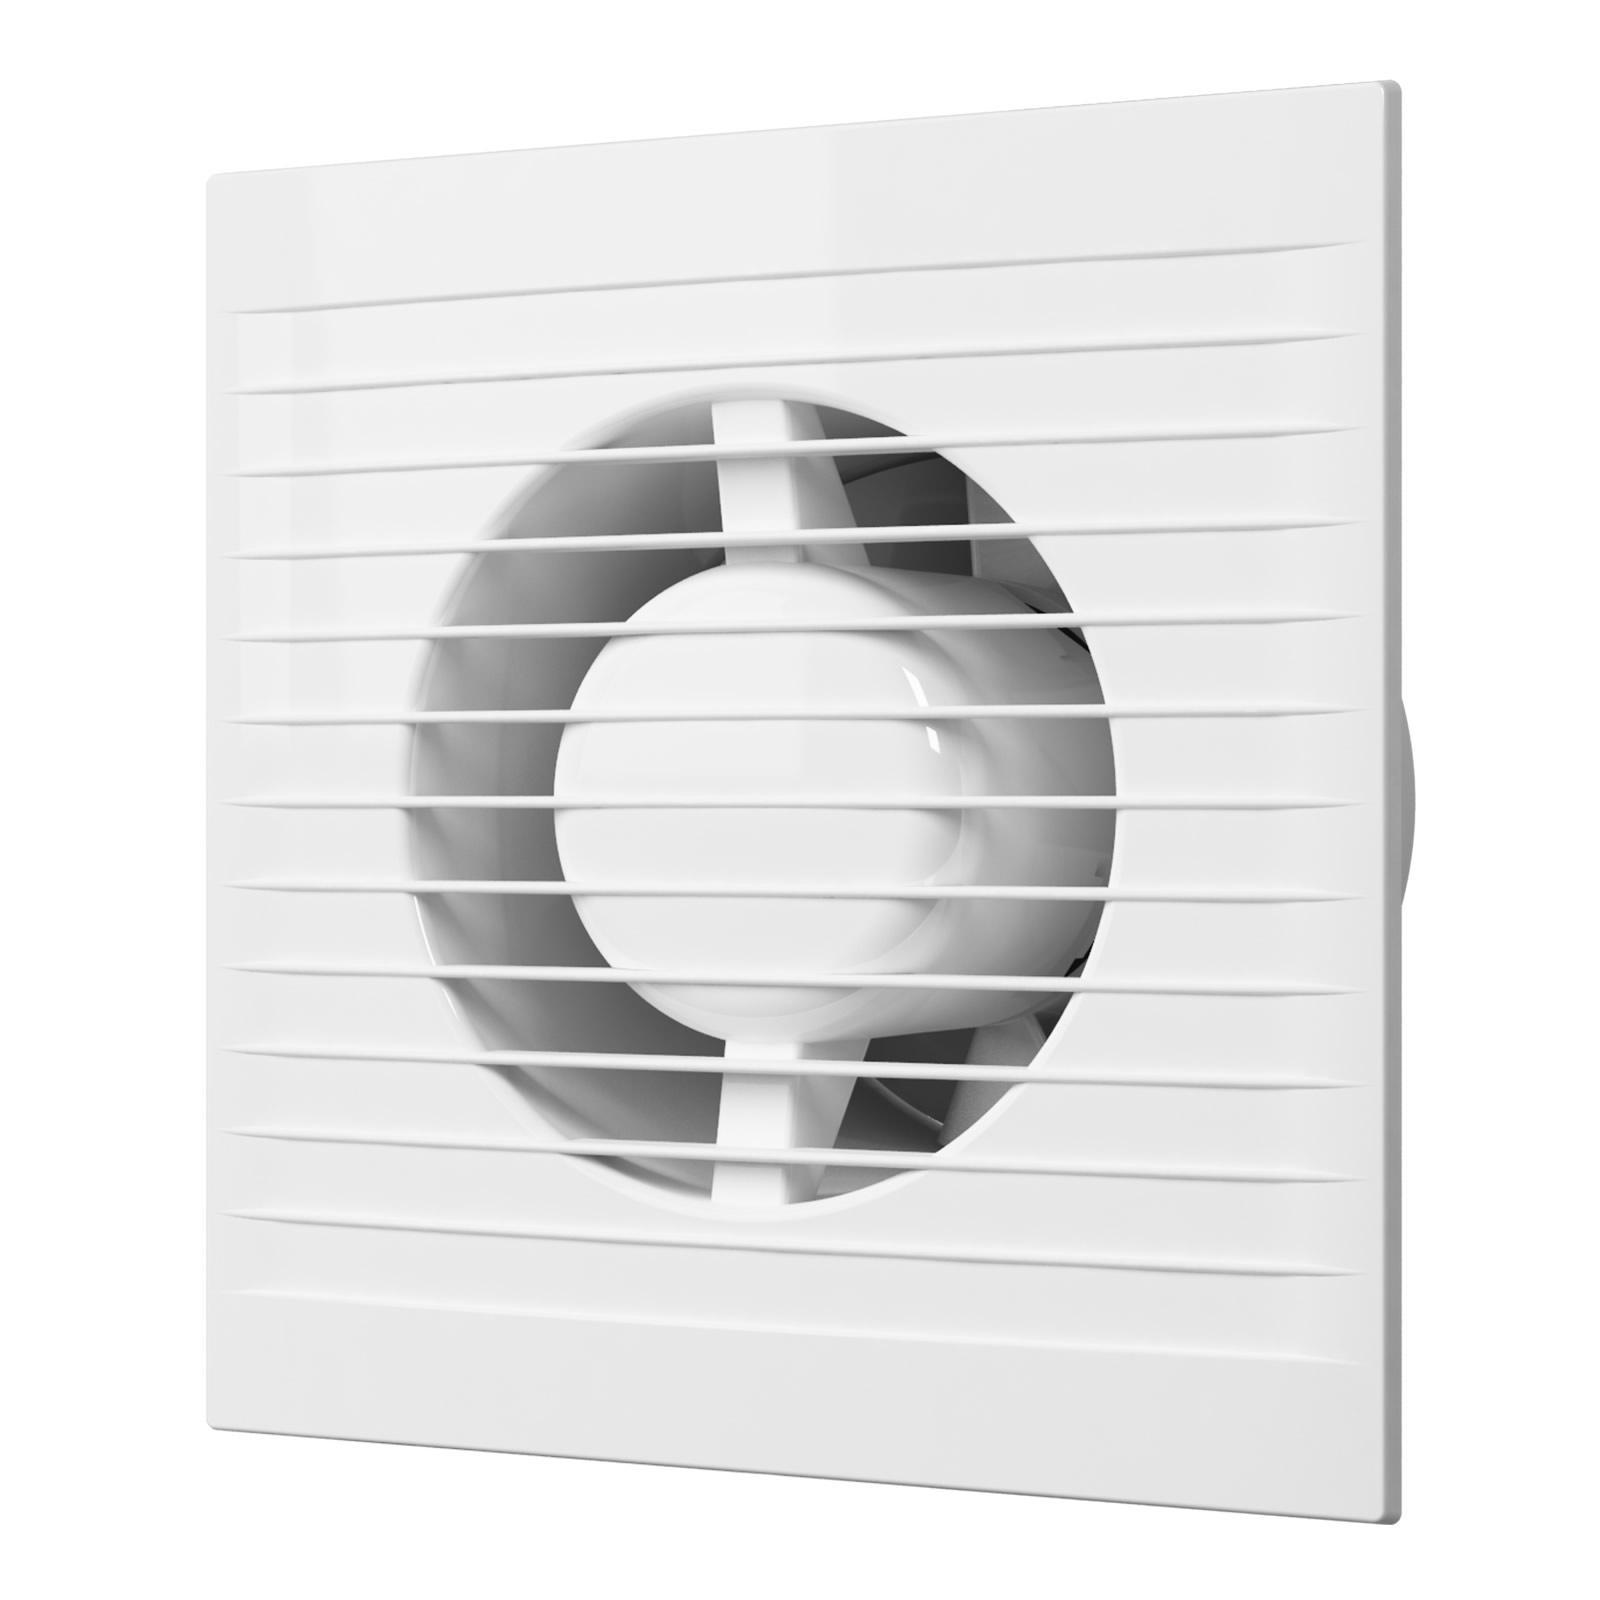 Вентилятор Era E 150 s c mre